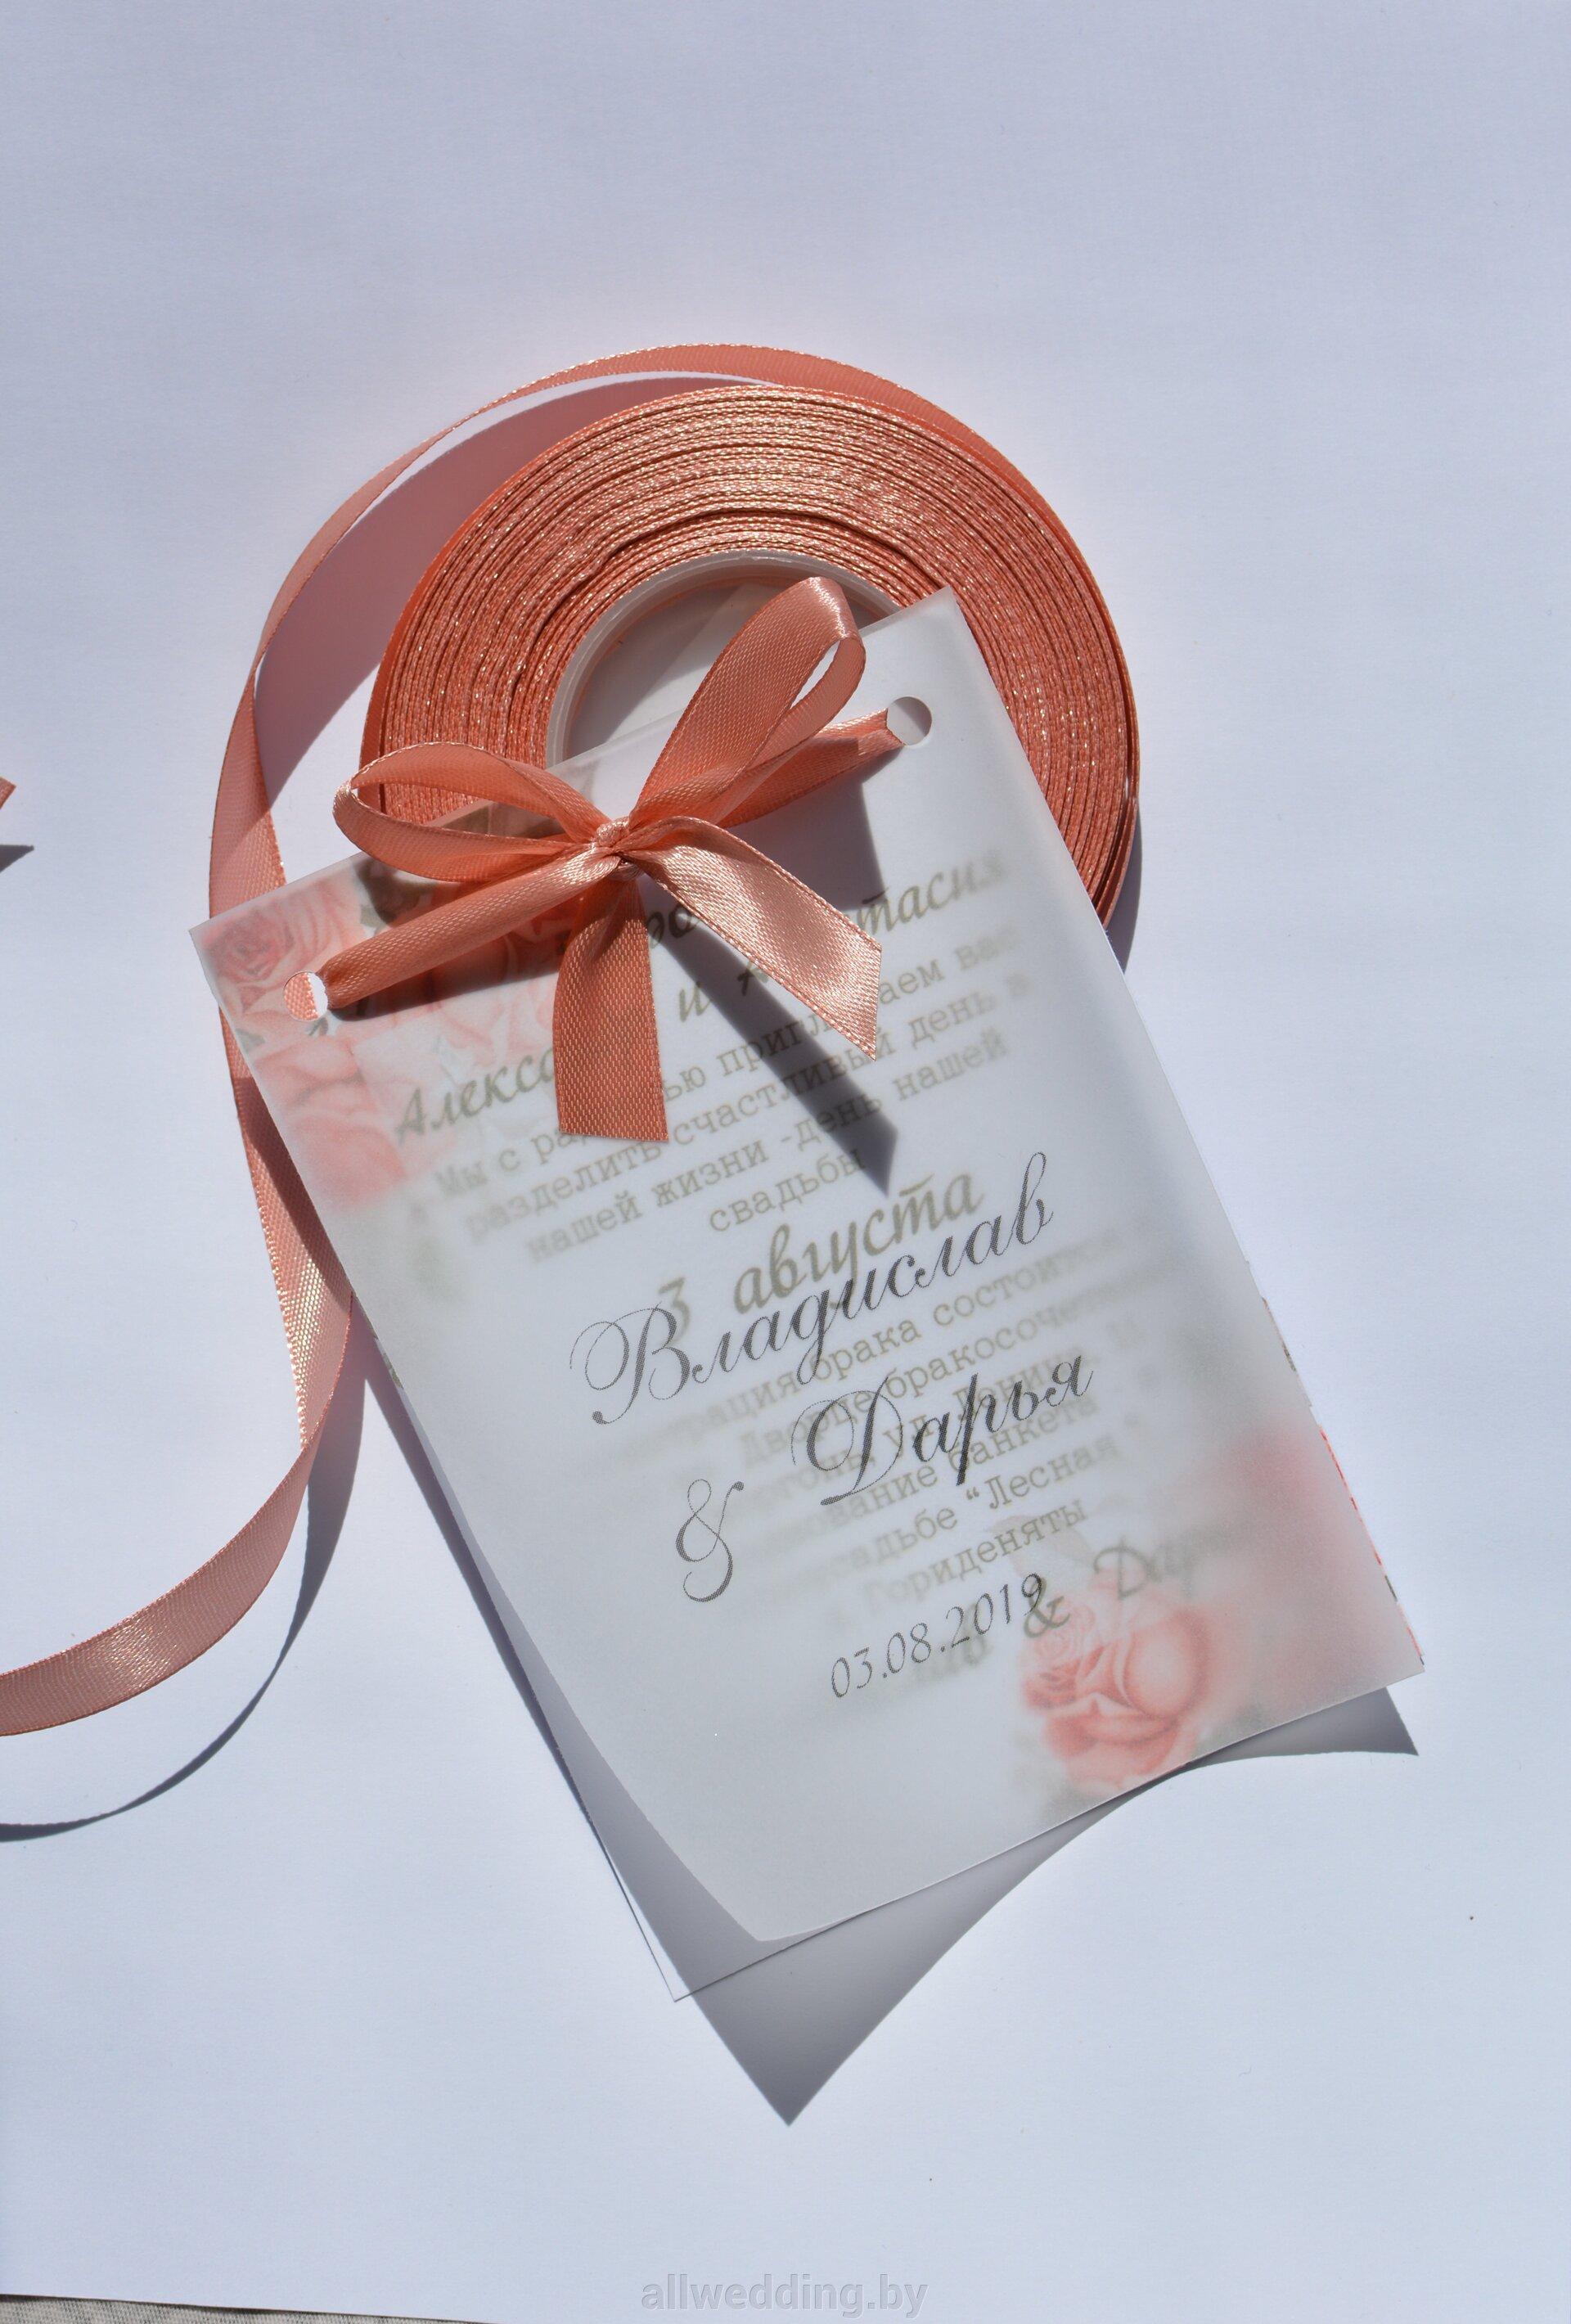 Приглашение на свадьбу ручной работы Infinity. - фото pic_5f86ae259e496c036d81227c65525870_1920x9000_1.jpg